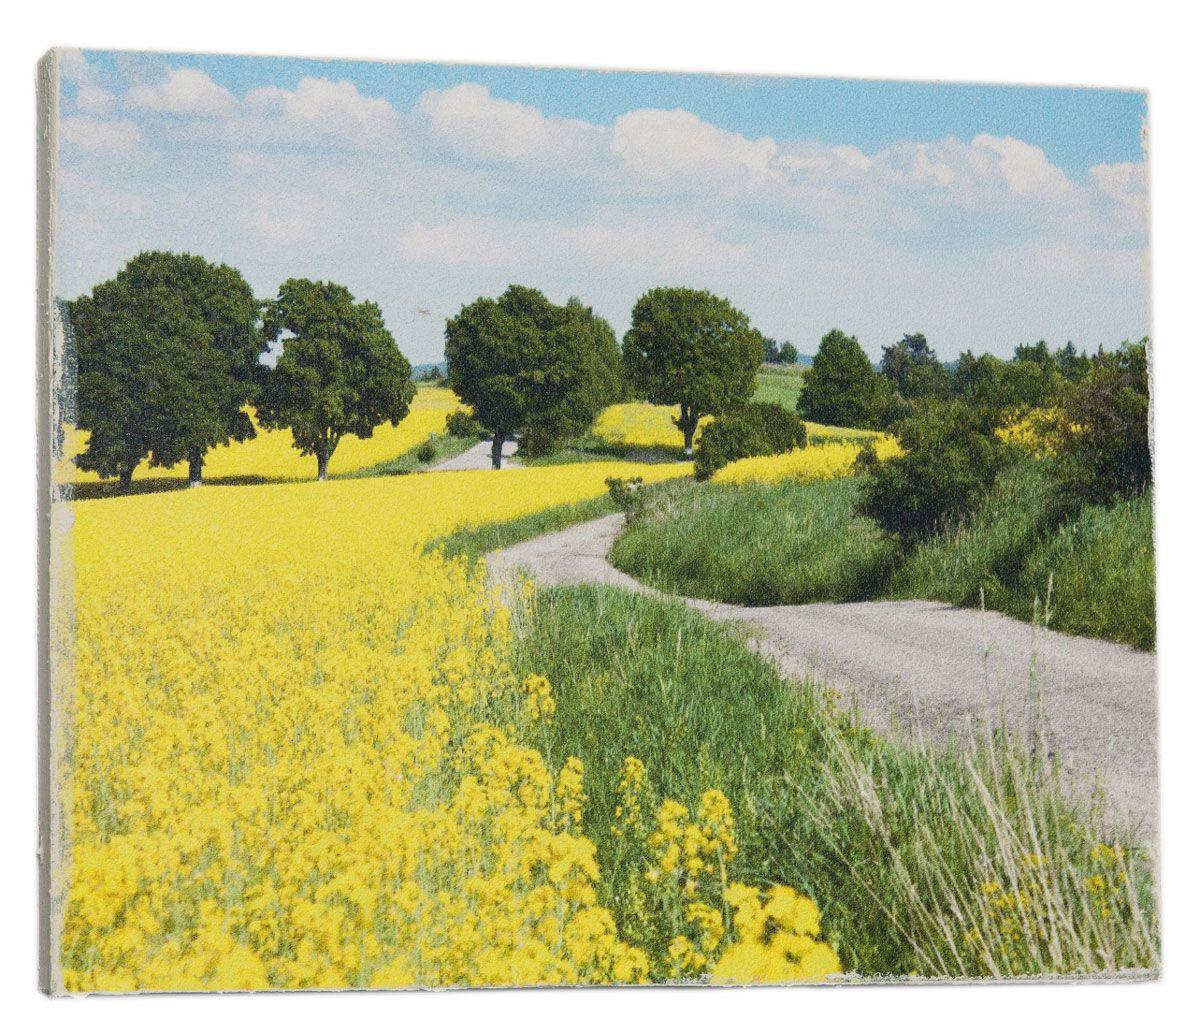 Картина Mister Poster Дорога посреди желтых цветов, 32 х 24 см97526Картина Mister Poster - это высококачественная репродукция на деревянной раме. Лицевая поверхность имитирует штукатурку или натуральный холст, края окрашены вручную специальным декоративным составом.Современные технологии, уникальное оборудование и оригинальные чернила, используемые при изготовлении, делают постер устойчивым к выцветанию, а также гарантируют стойкость к воздействию негативных внешних факторов. Интерьер дома и офиса, в котором находится человек, в значительной степени влияет на его настроение и работоспособность. Правильное оформление интерьера создает благоприятный психологический климат, улучшает настроение и мотивирует. Добавьте «красок» в ваш интерьер и, возможно, в вашу жизнь.